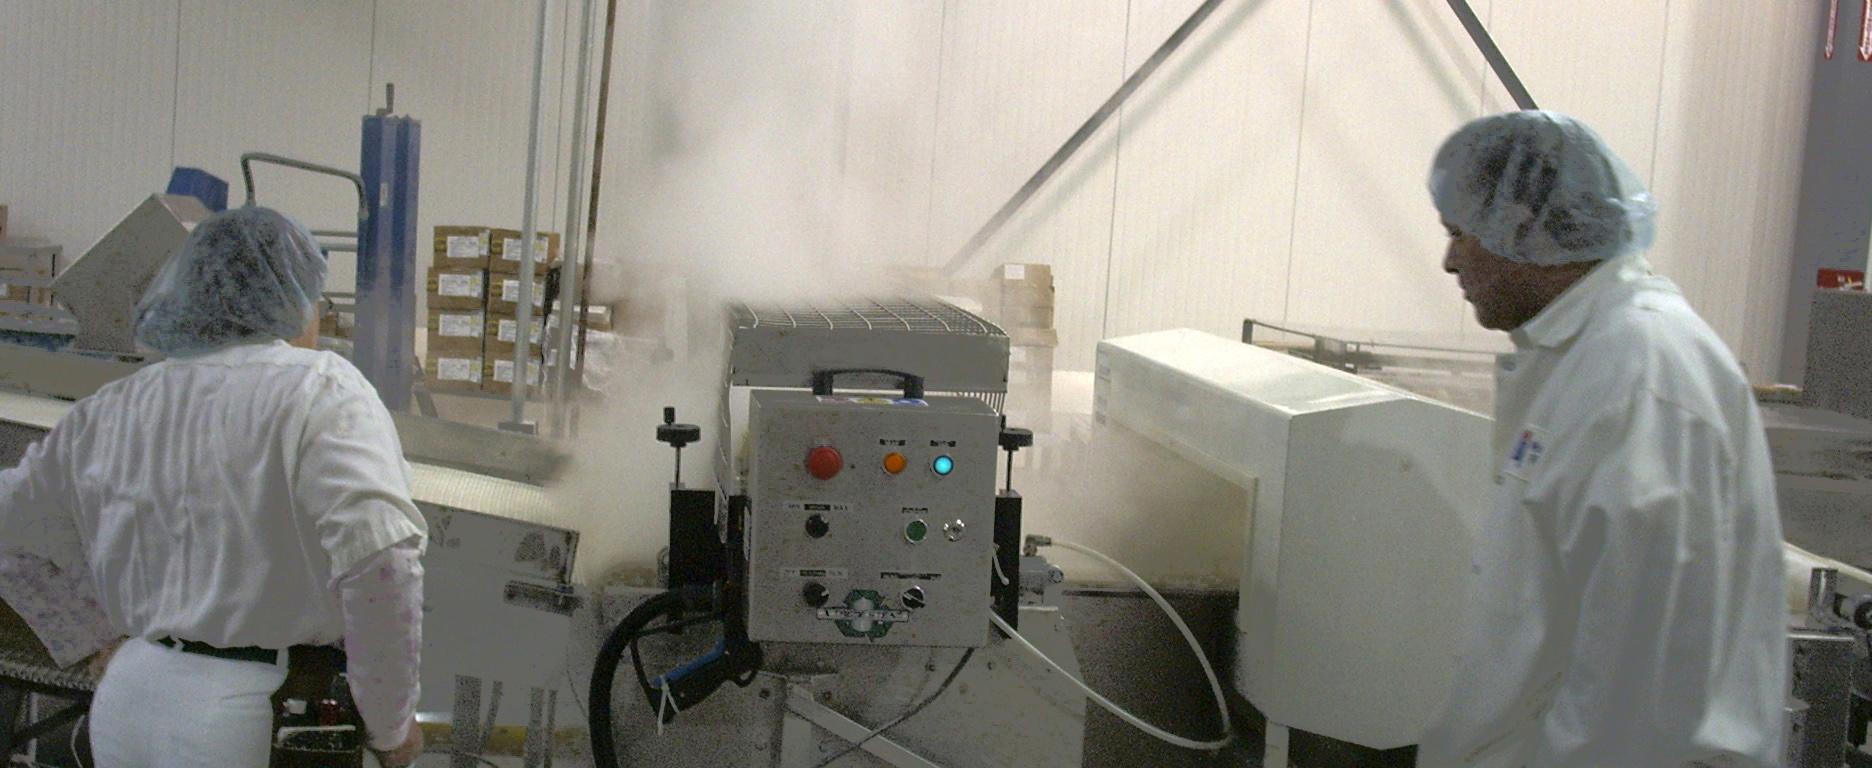 La limpieza con vapor limpieza con vapor - Maquinas de limpieza a vapor ...